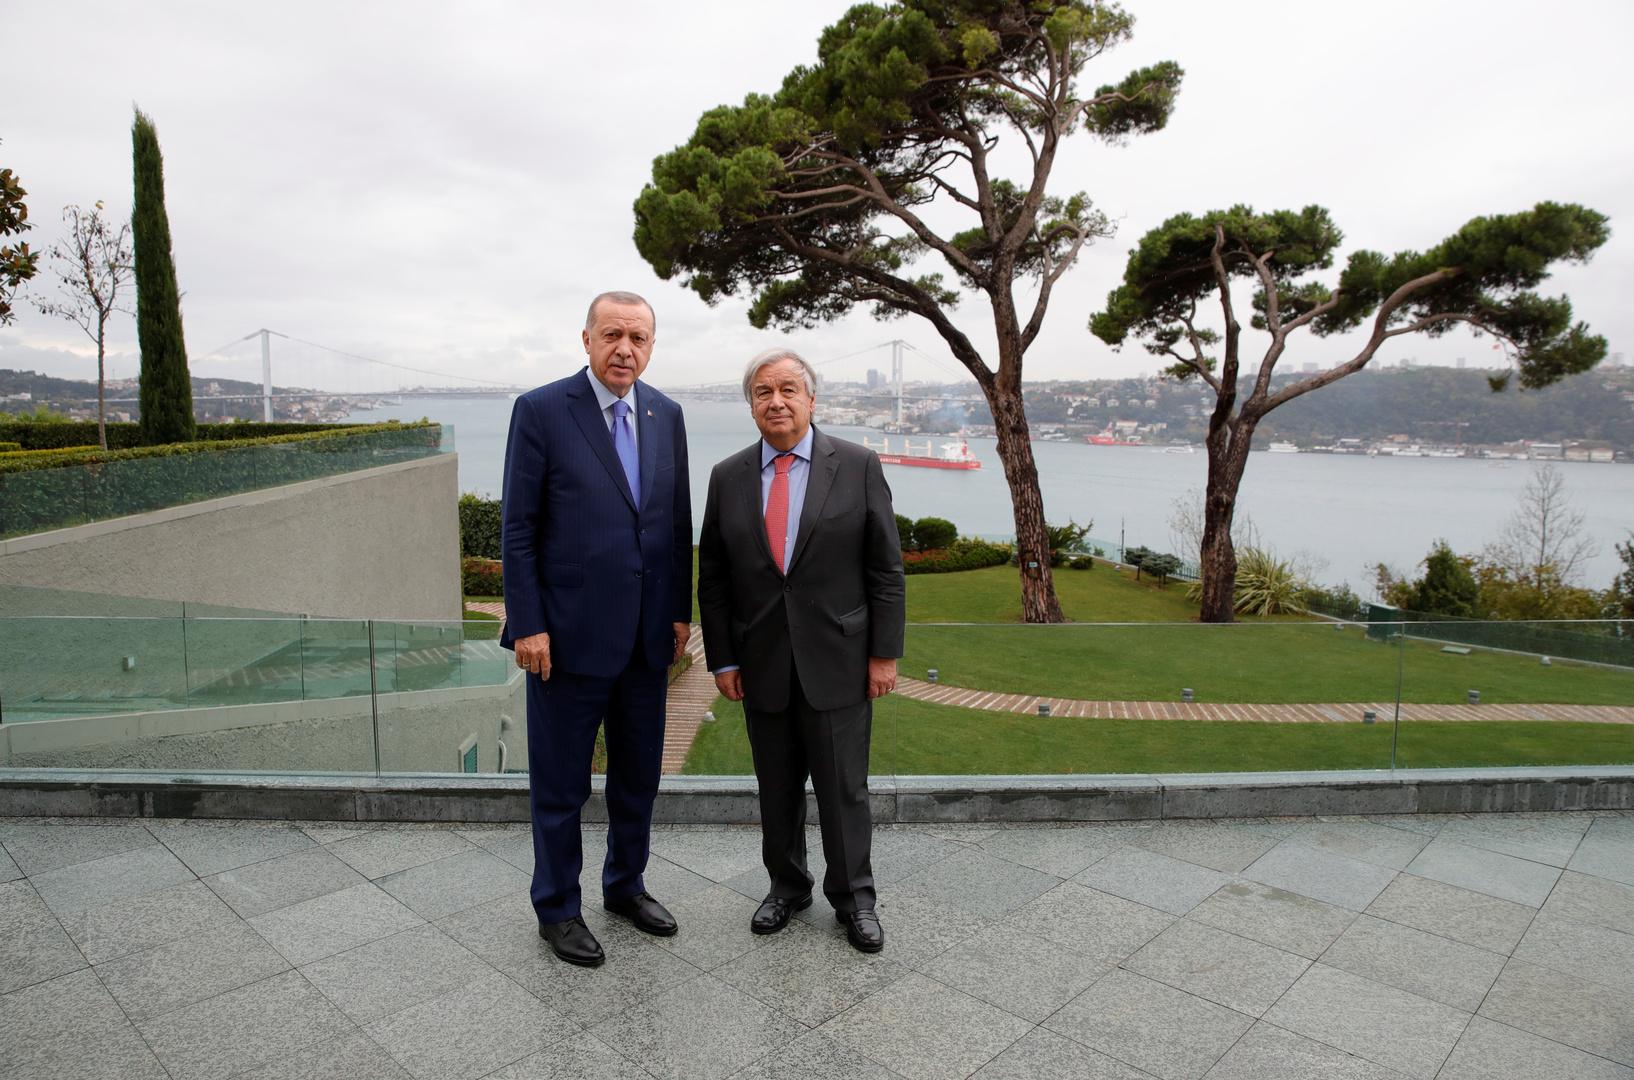 الأمين العام للأمم المتحدة، أنطونيو غوتيريش، والرئيس التركي، رجب طيب أردوغان، خلال لقائهما في اسطنبول يوم 1 نوفمبر 2019.